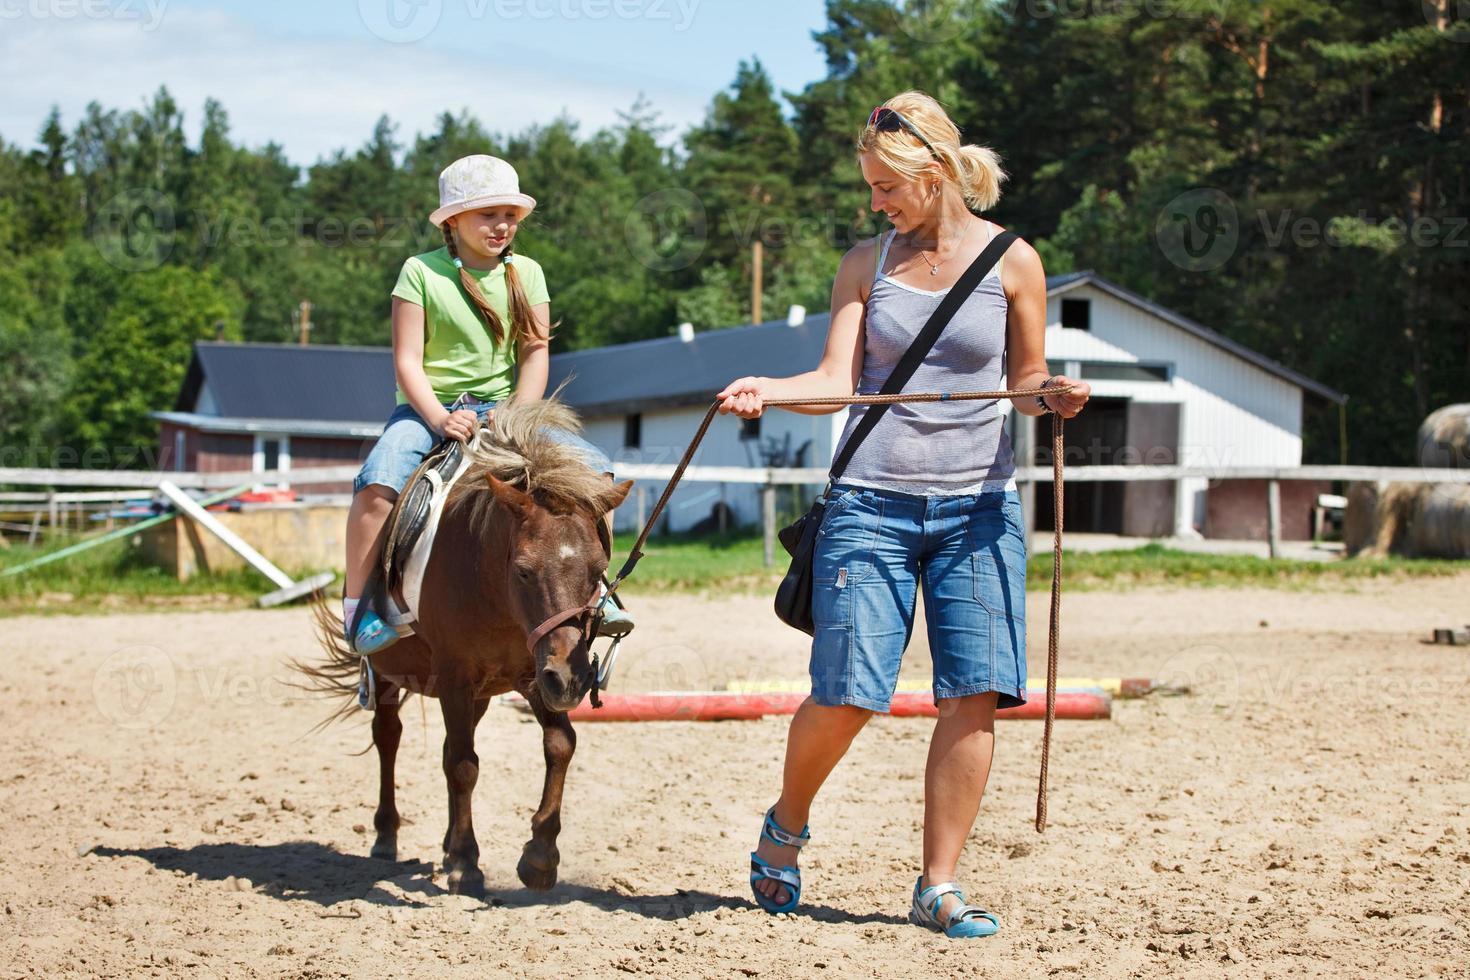 piccolo pony a cavallo foto